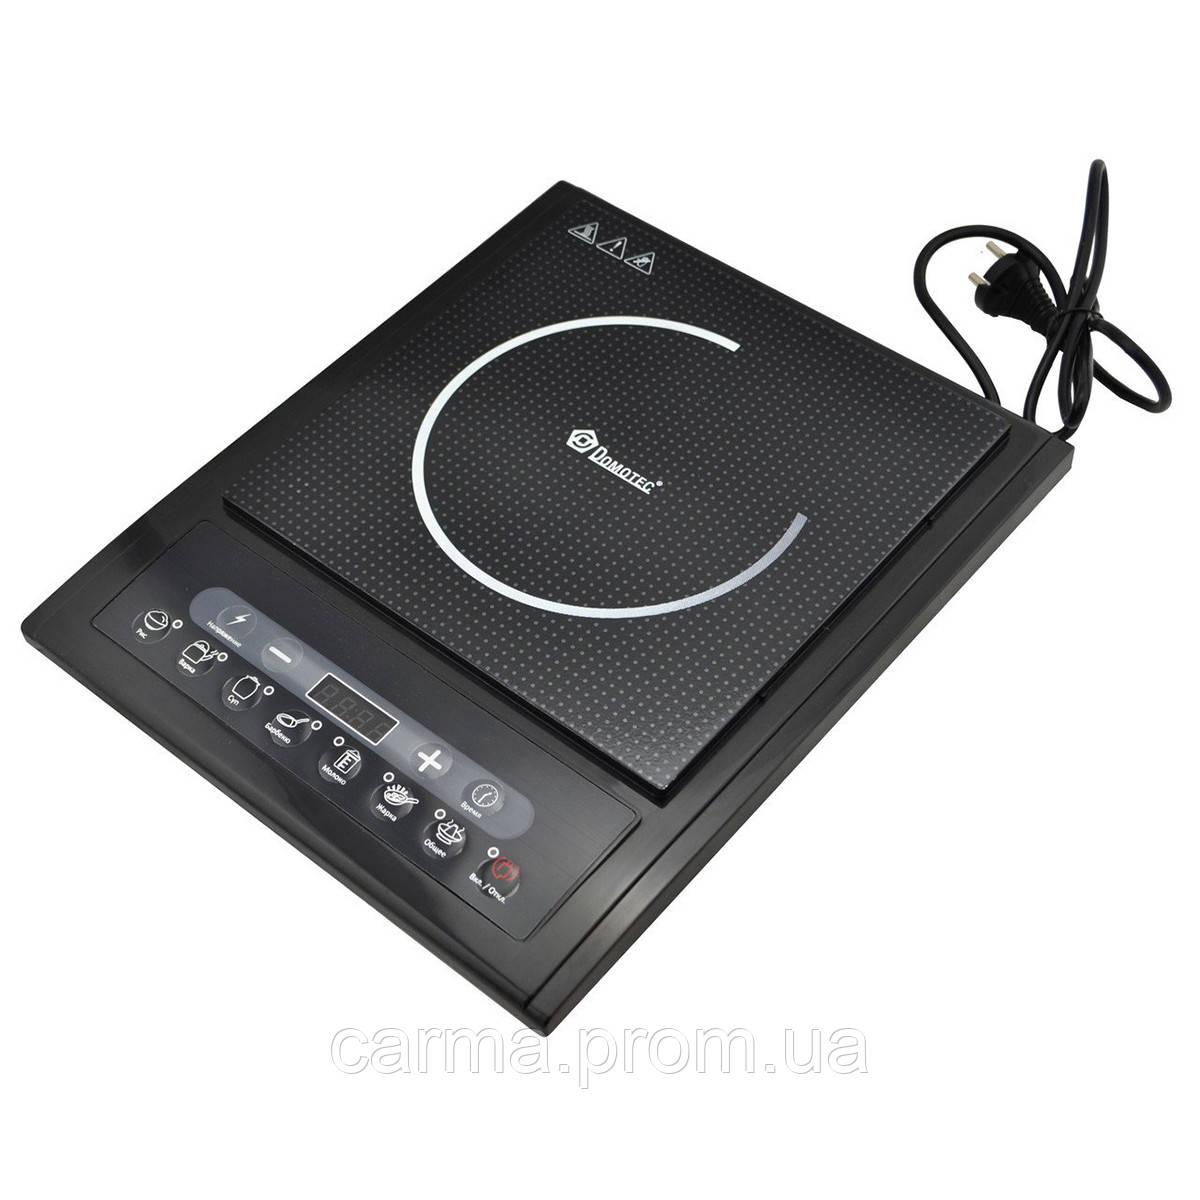 Индукционная настольная электроплита DOMOTEC MS-5831 2000 Вт